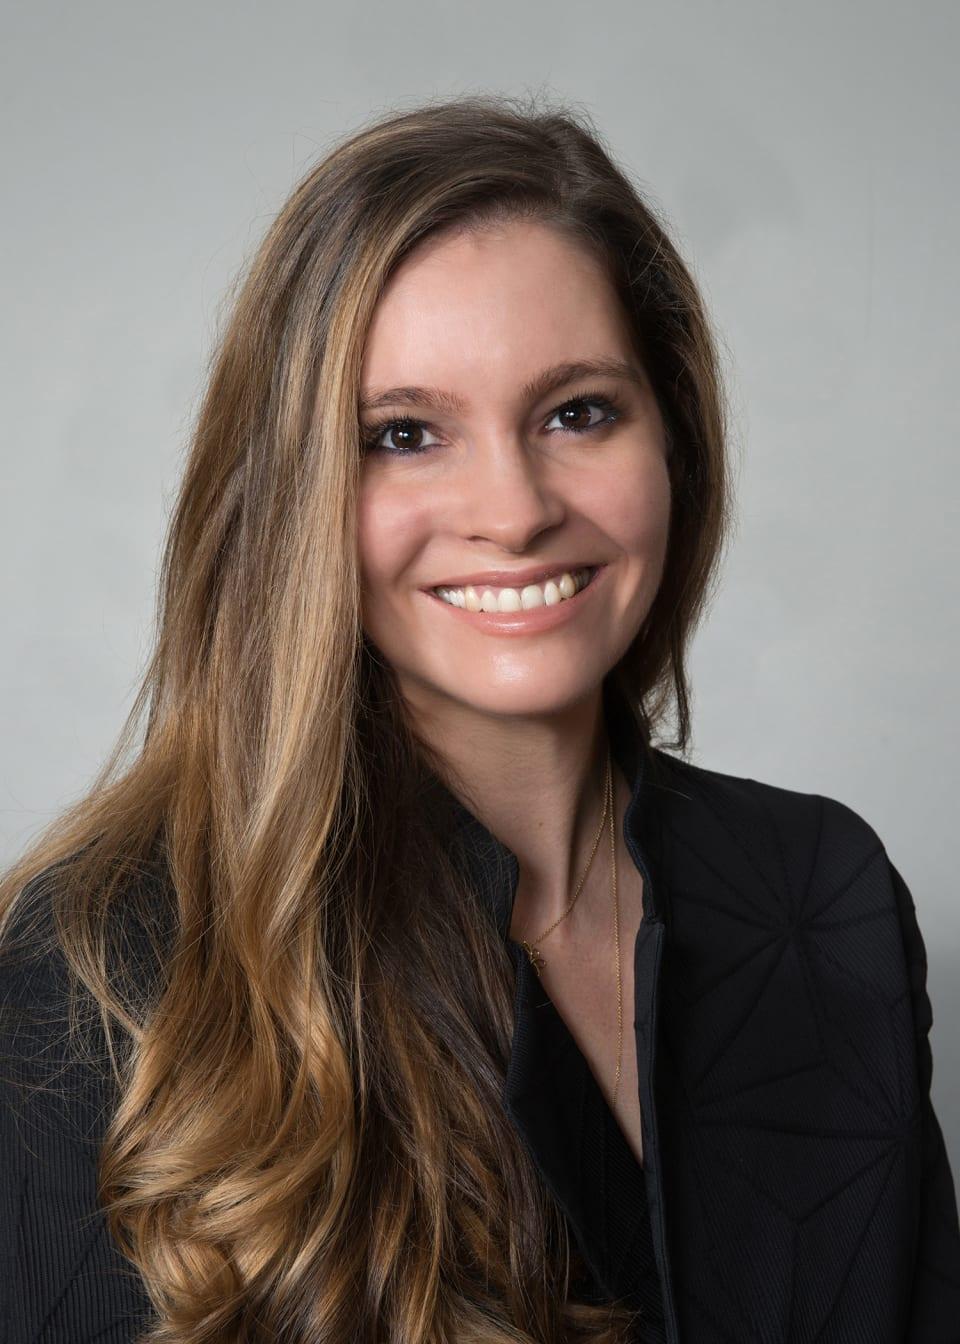 Sara McBrearty